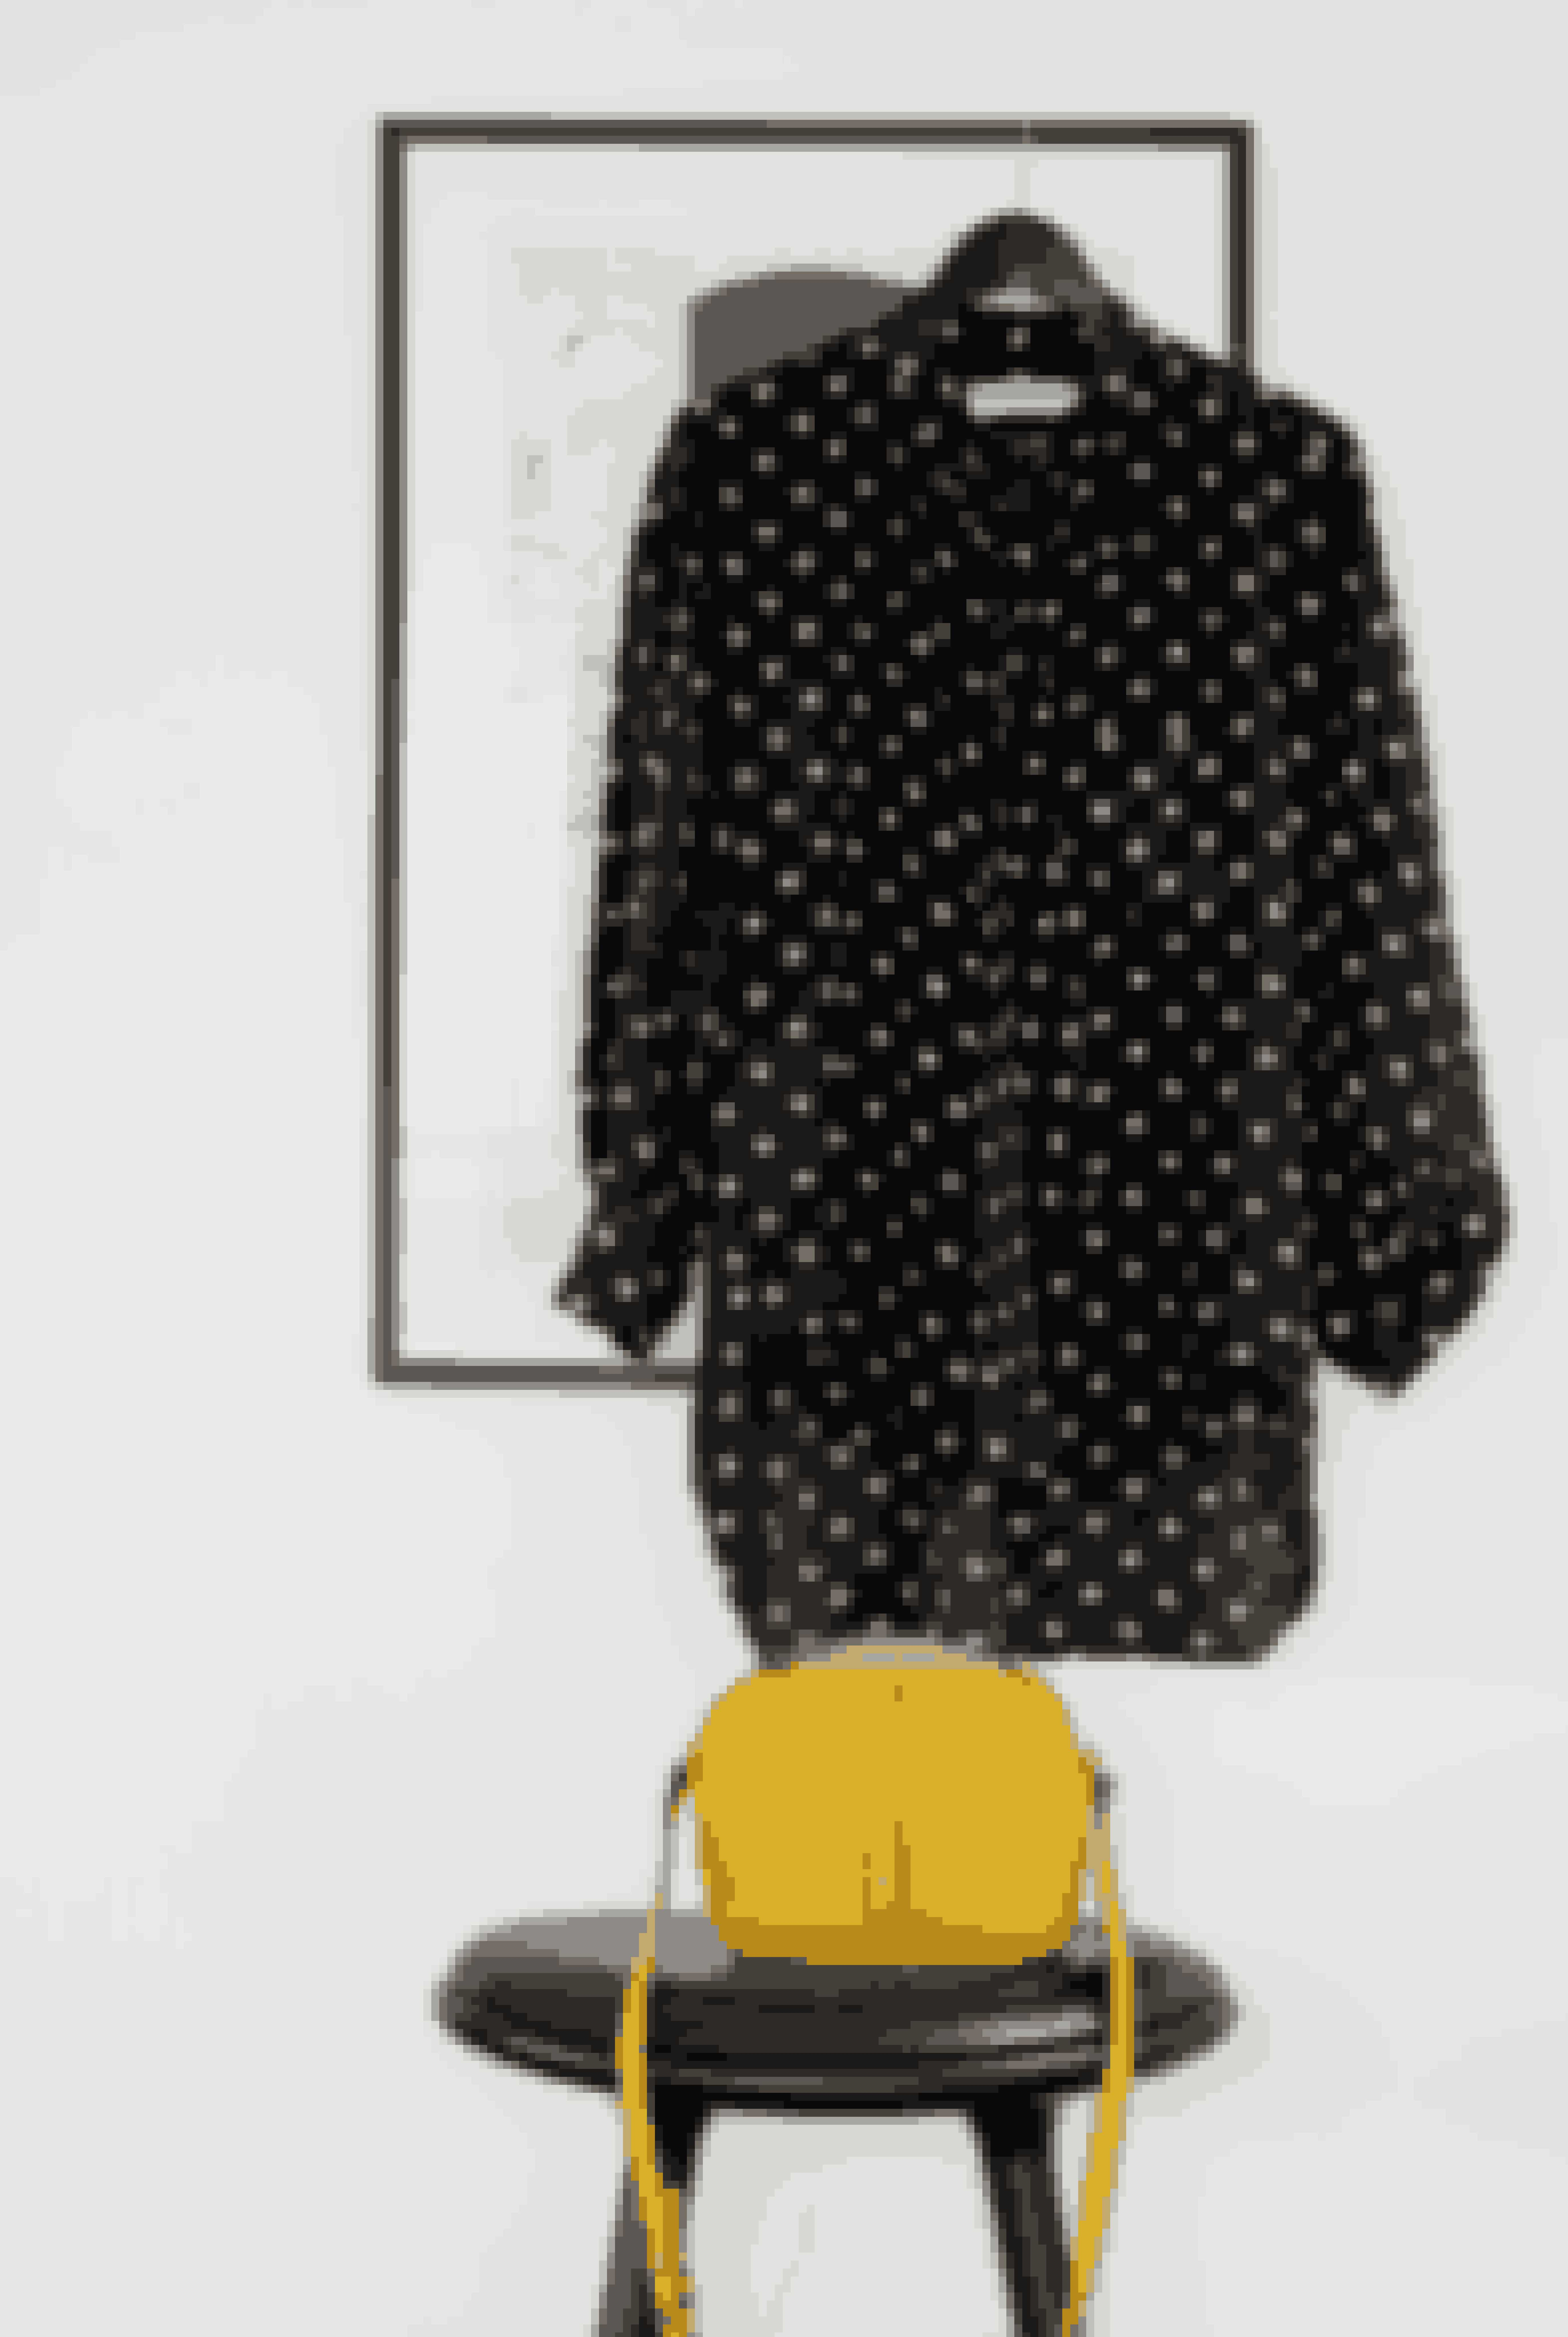 Den gule skuldertaske fra Decadent, der står på den høje Mater-skammel, er en favorit, som bliver brugt hver dag. Silkeskjorten er en gammel favorit fra Balenciaga.